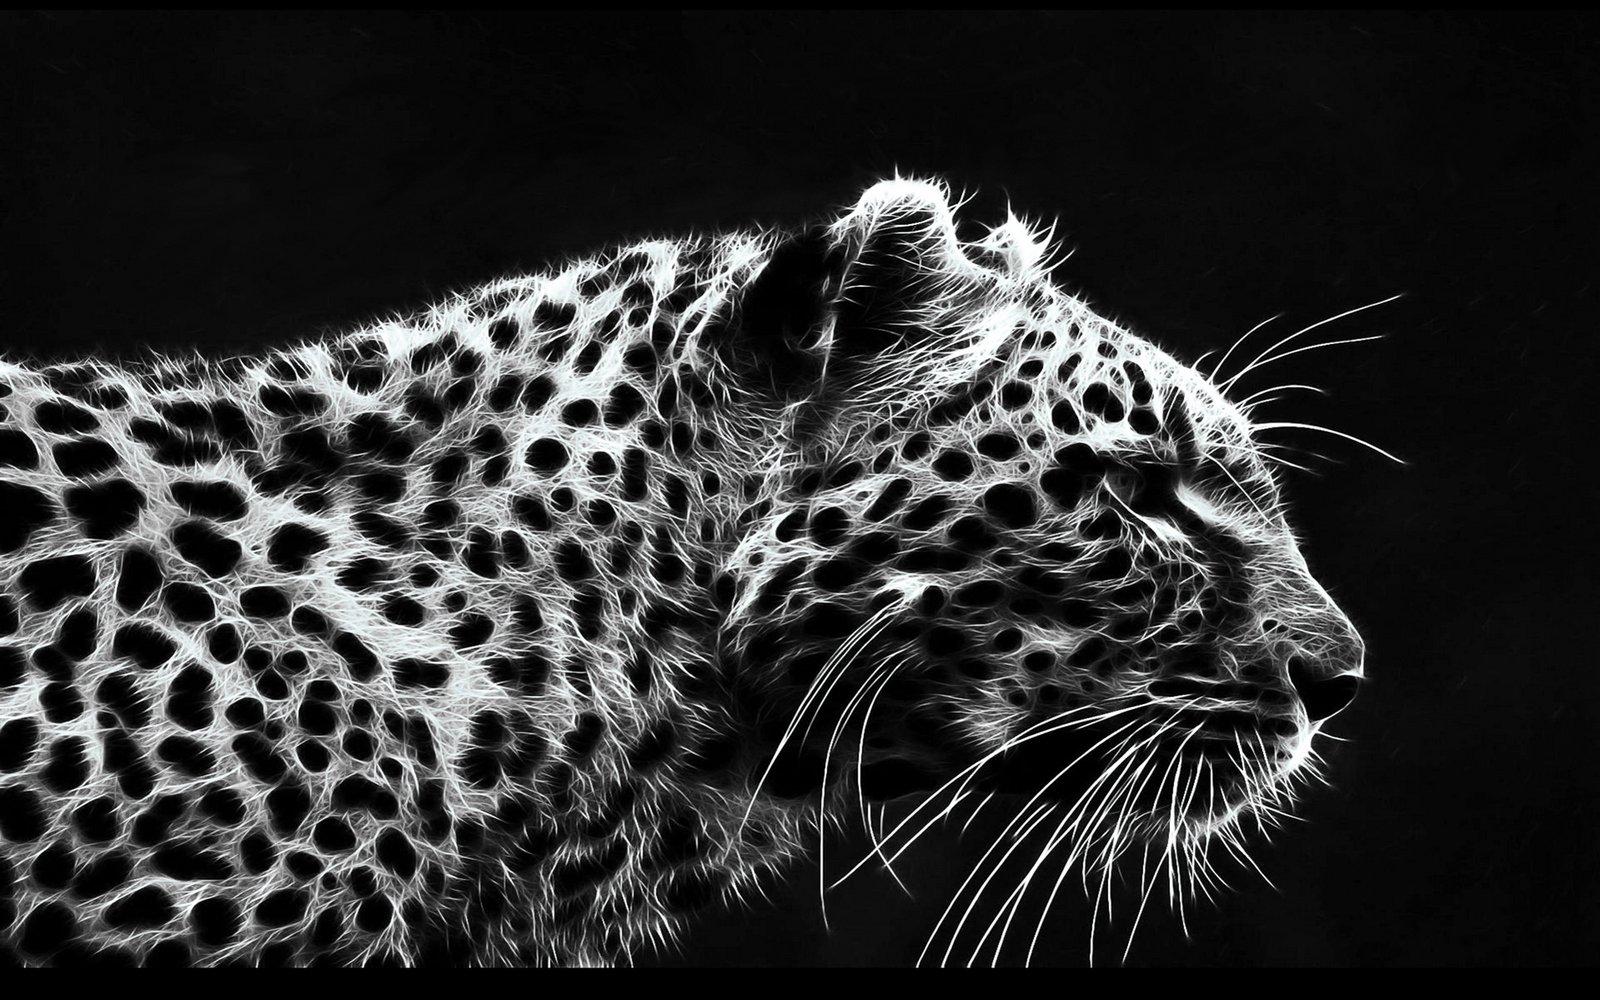 صور : اجمل النمور .. حيوان جميل رغم قوتة - مدونة افتكاسات للصور